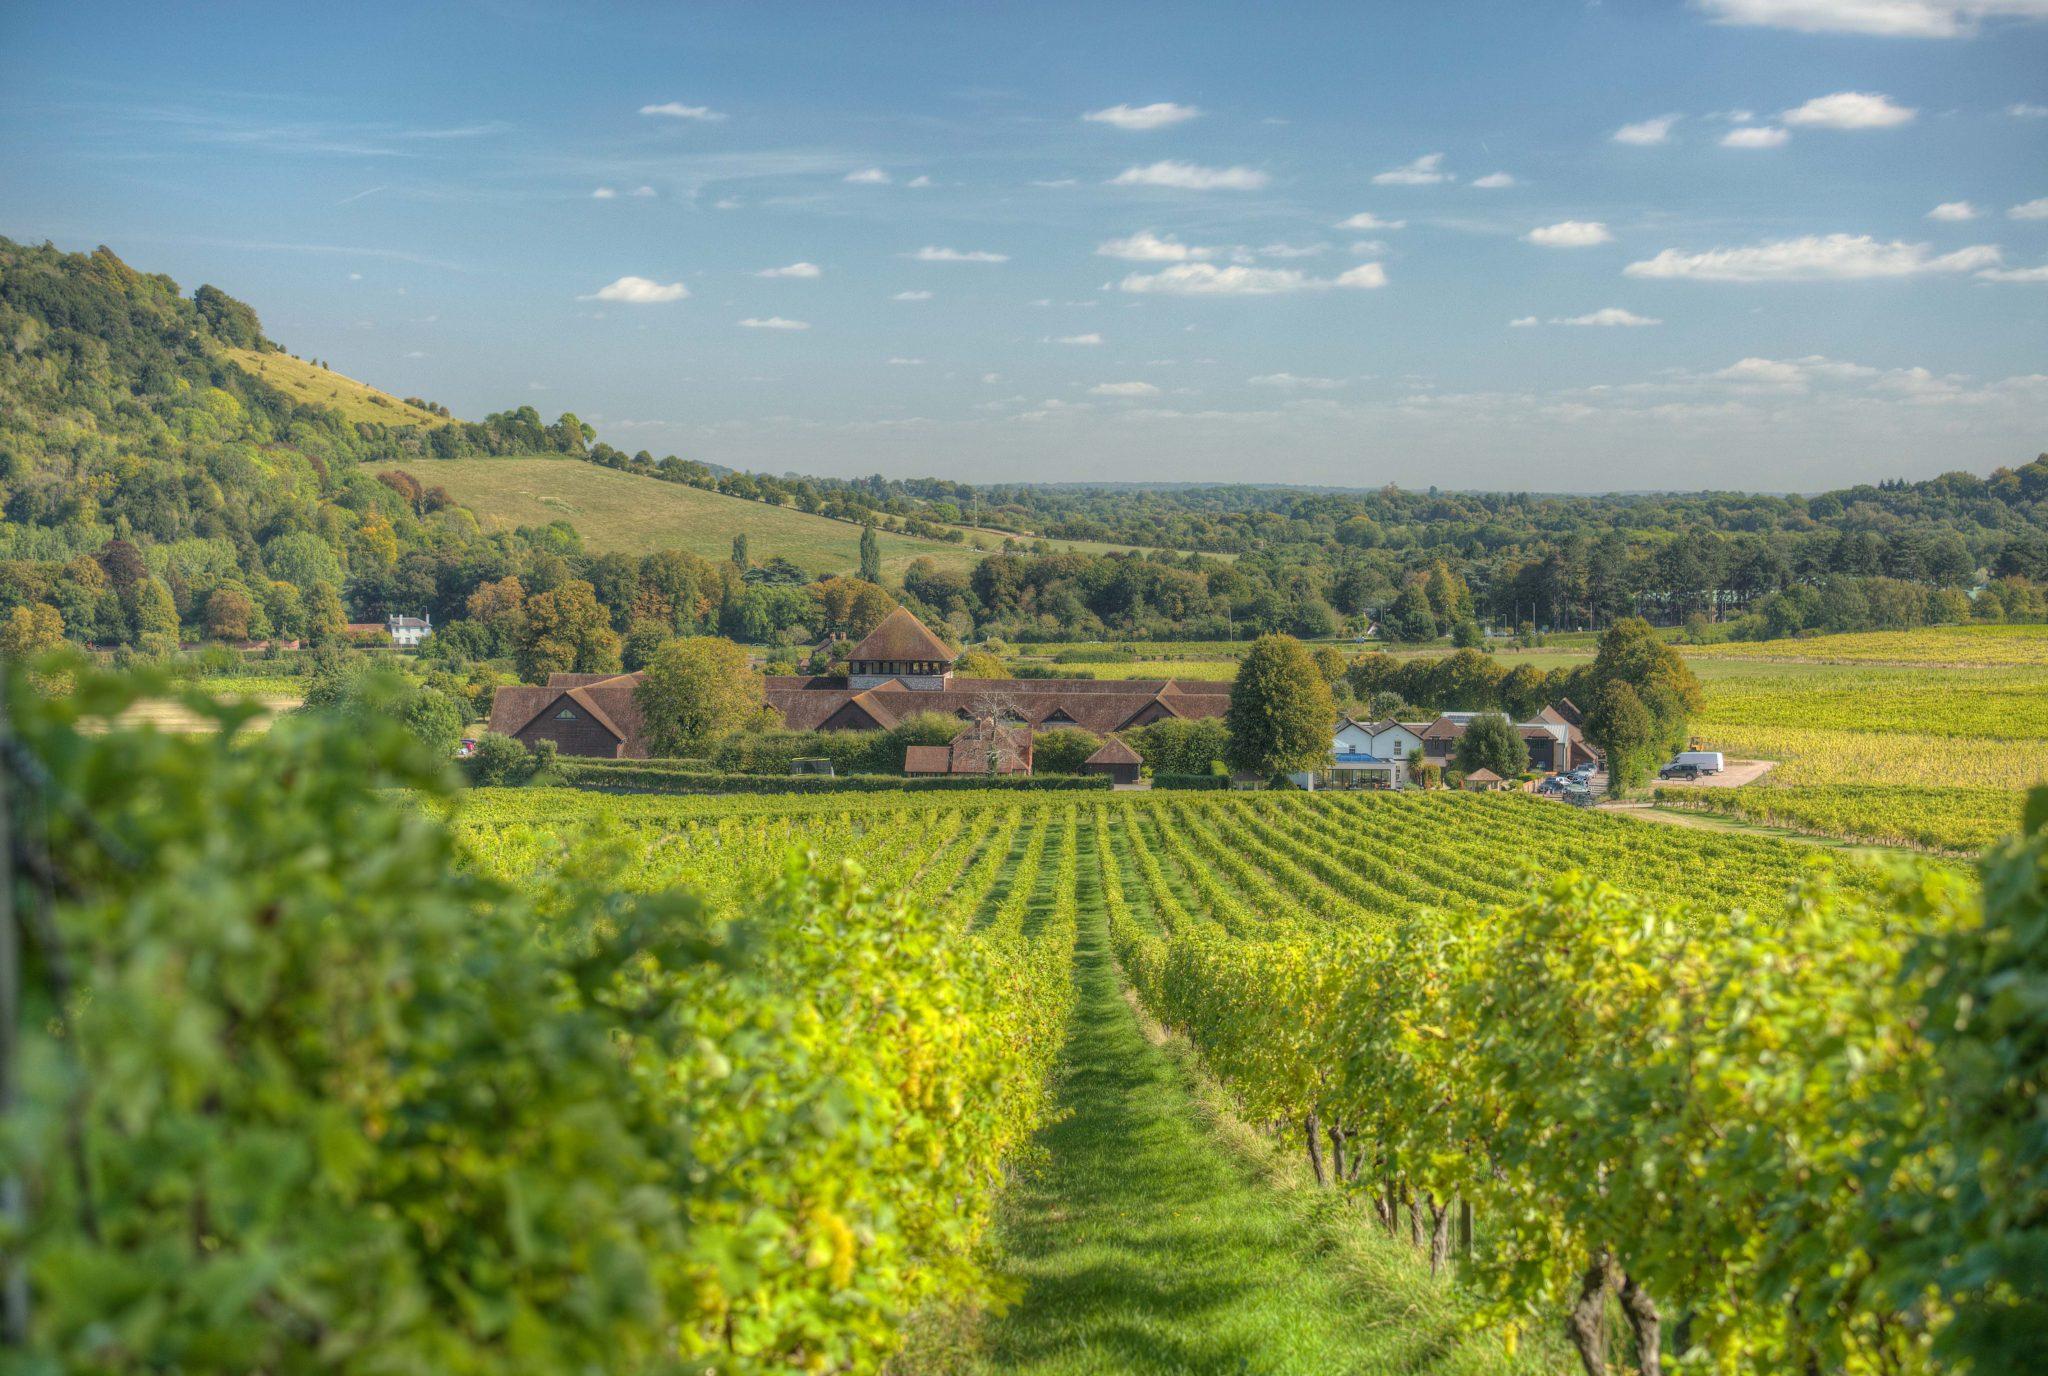 Lush green English vineyard